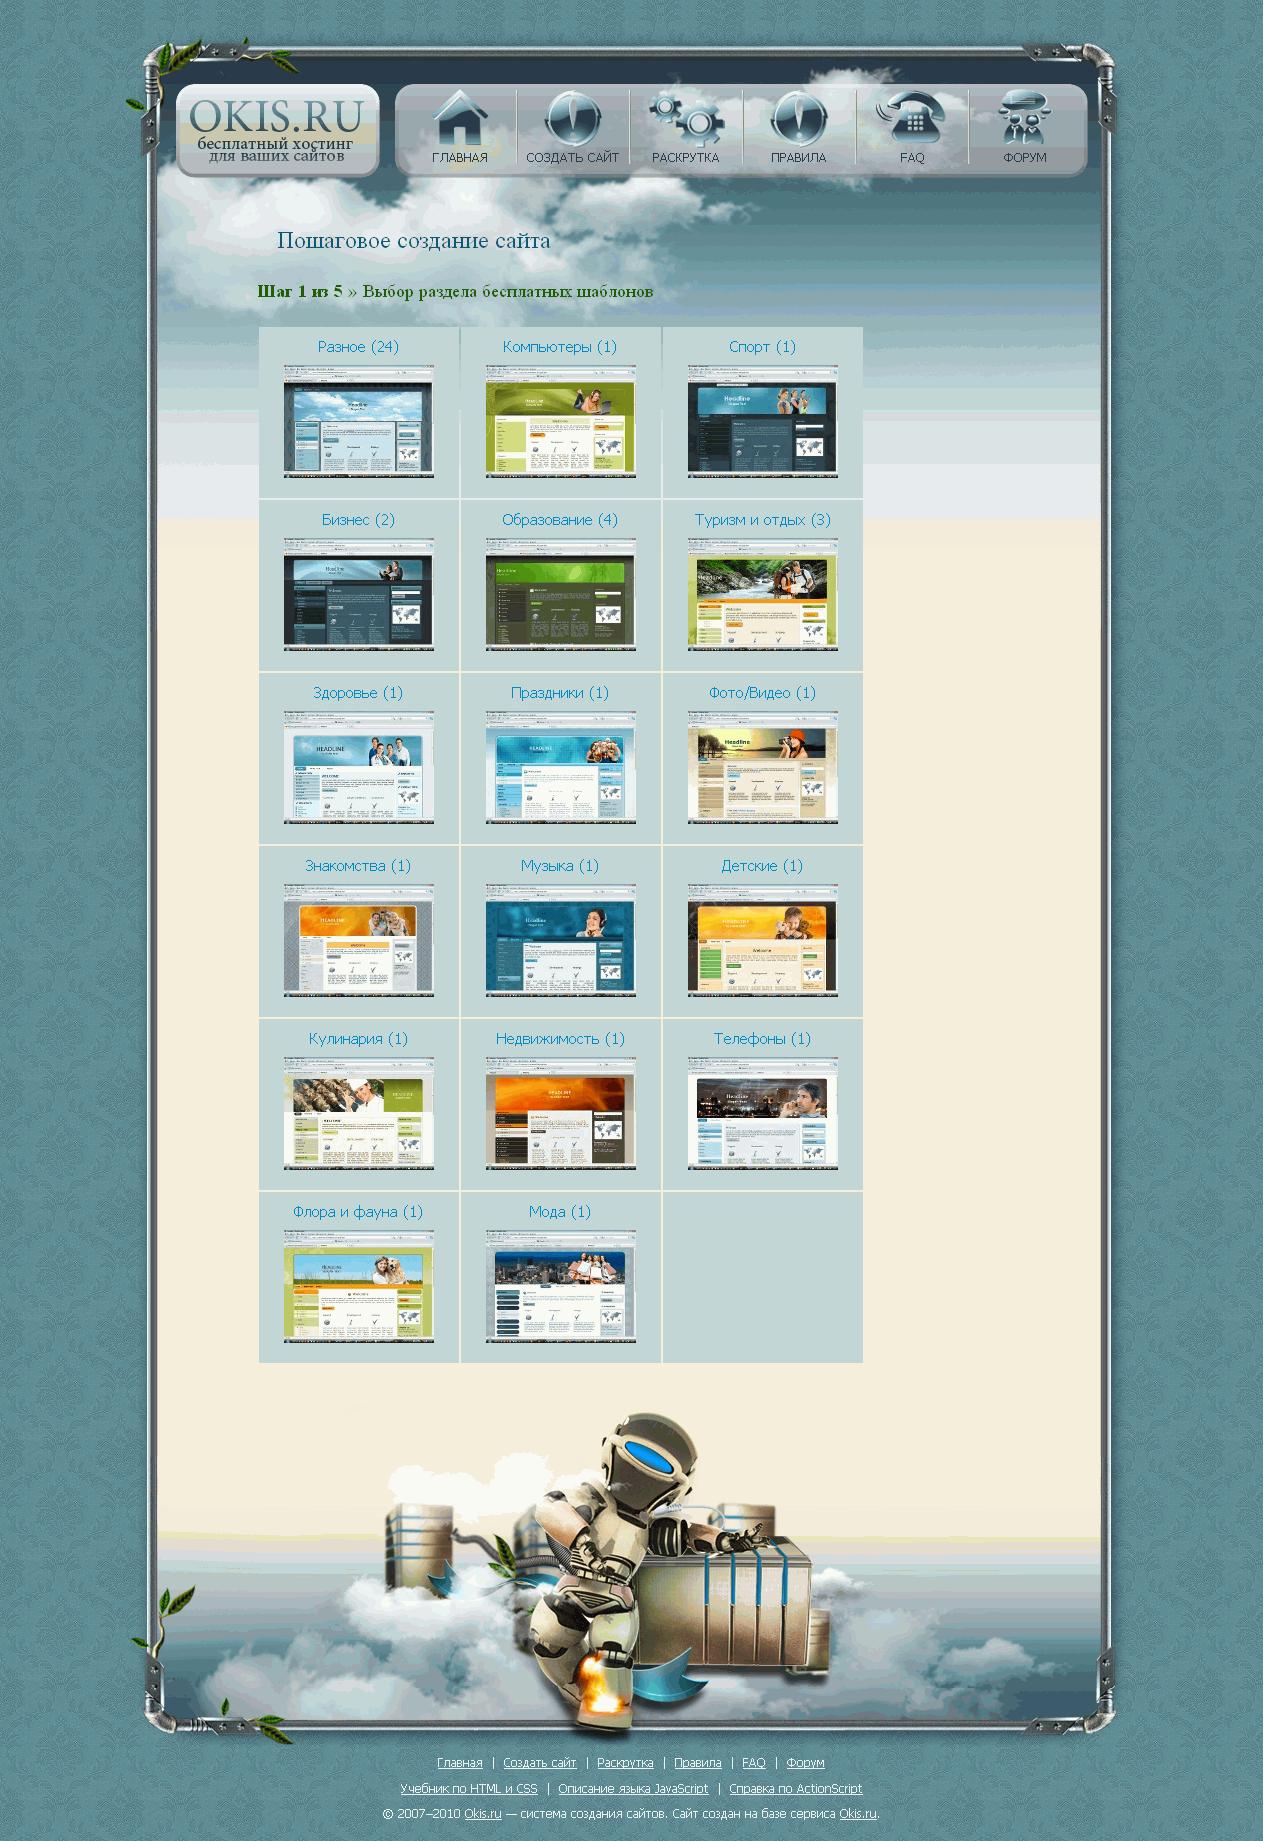 Как сделать у себя на сайте гостевую книгу